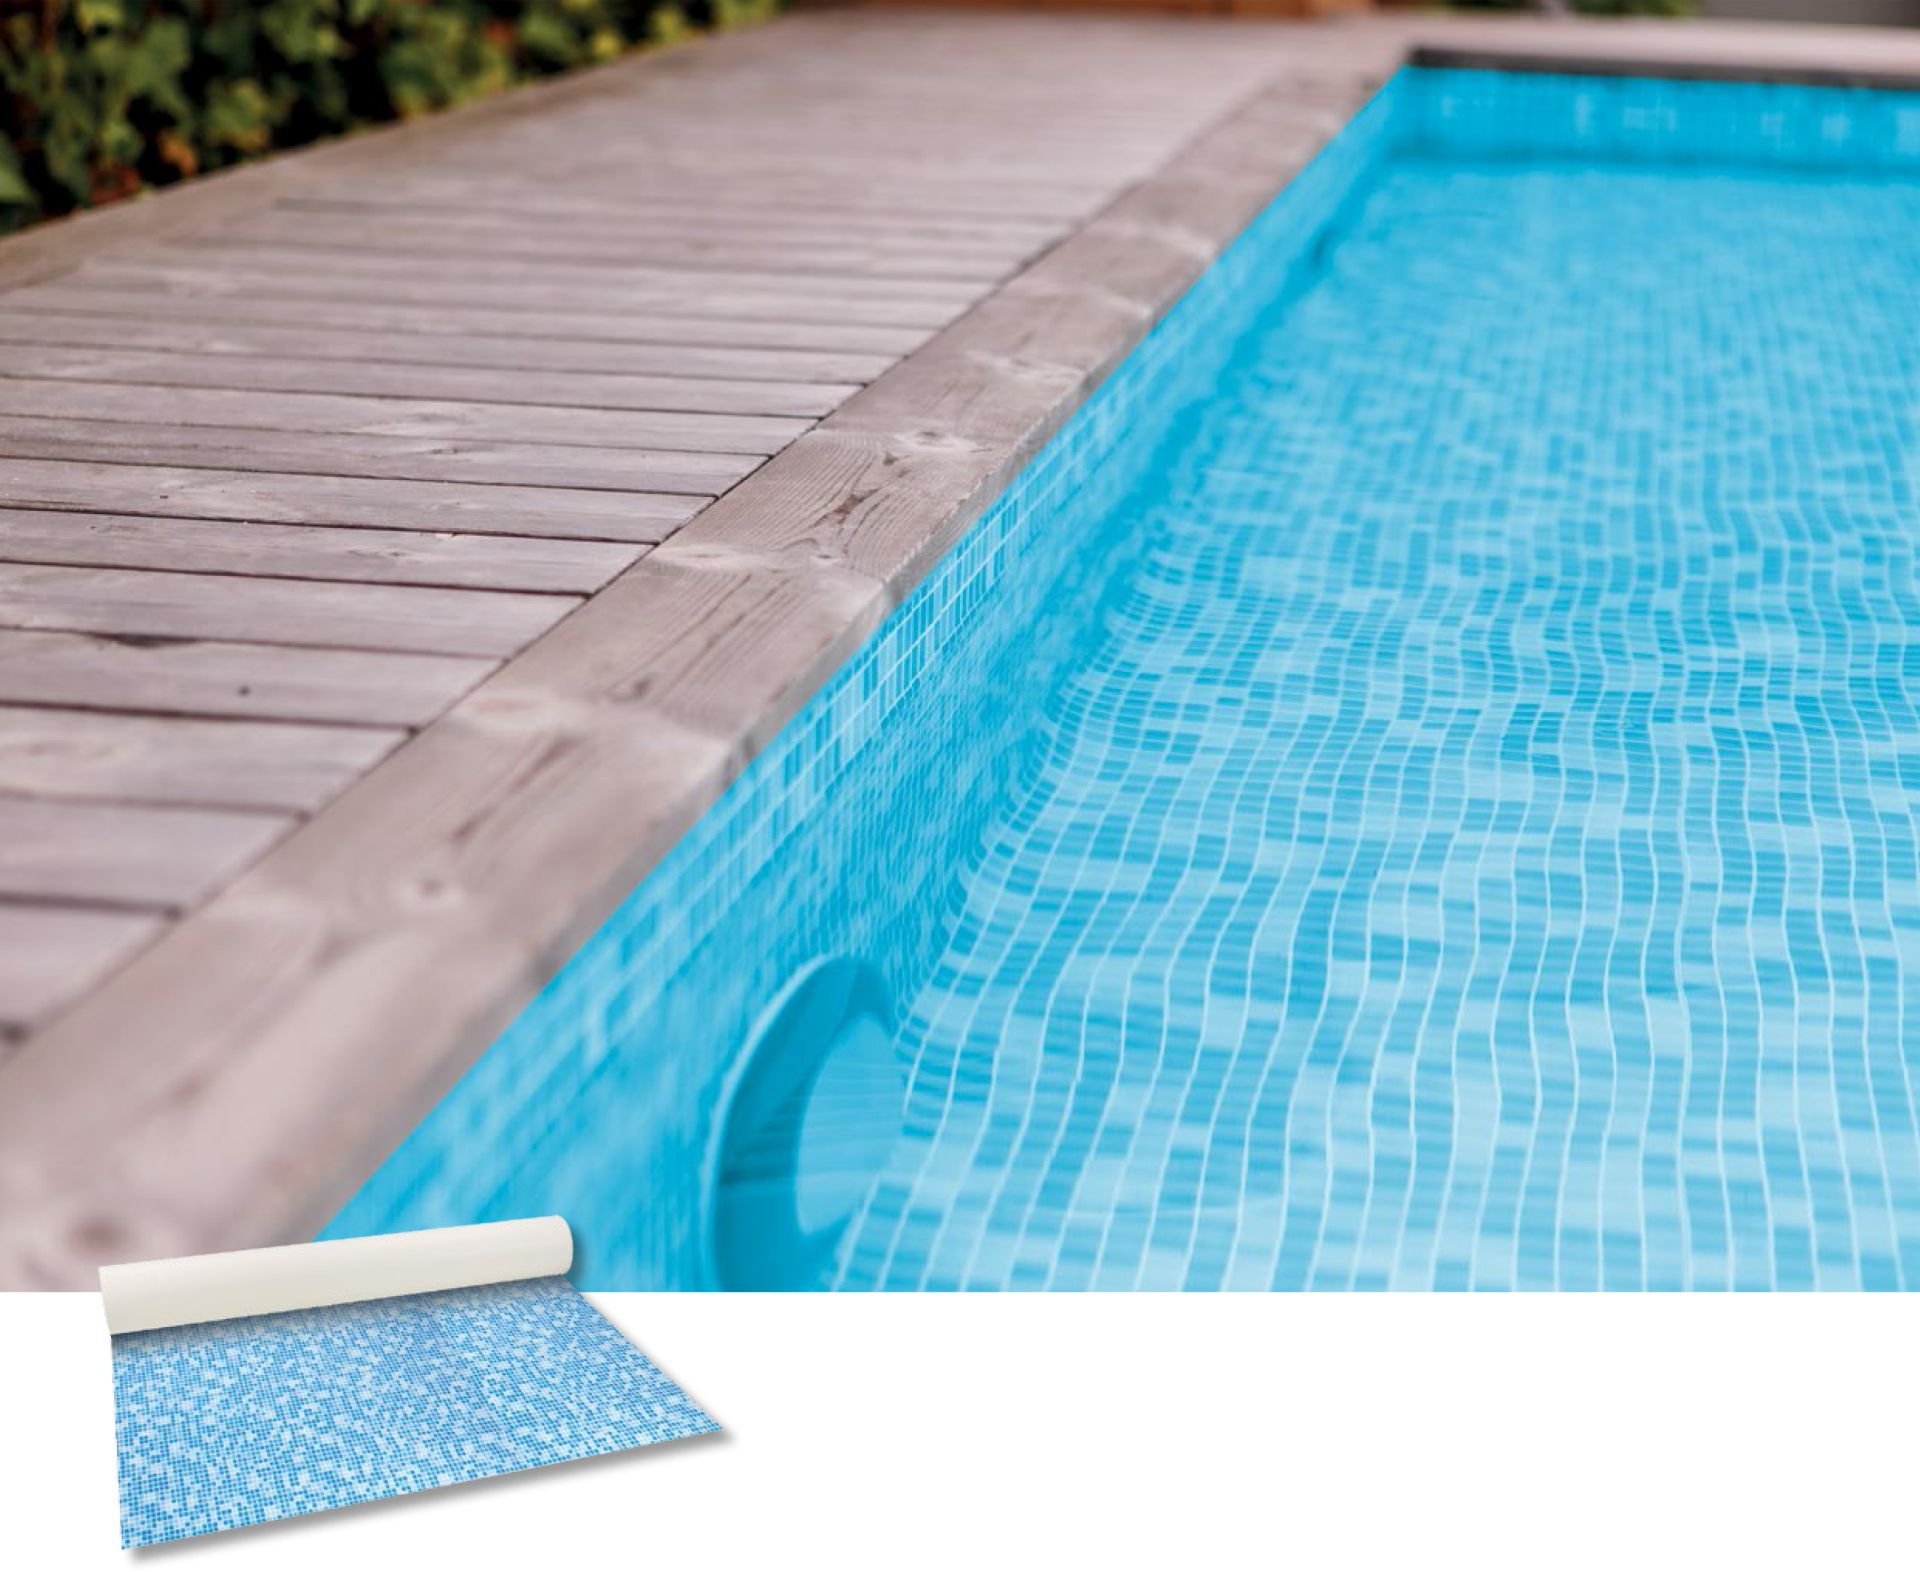 bysance alkorplan 3000 folie gewebefolien zubeh r ersatzfolien auskleidungen pools. Black Bedroom Furniture Sets. Home Design Ideas